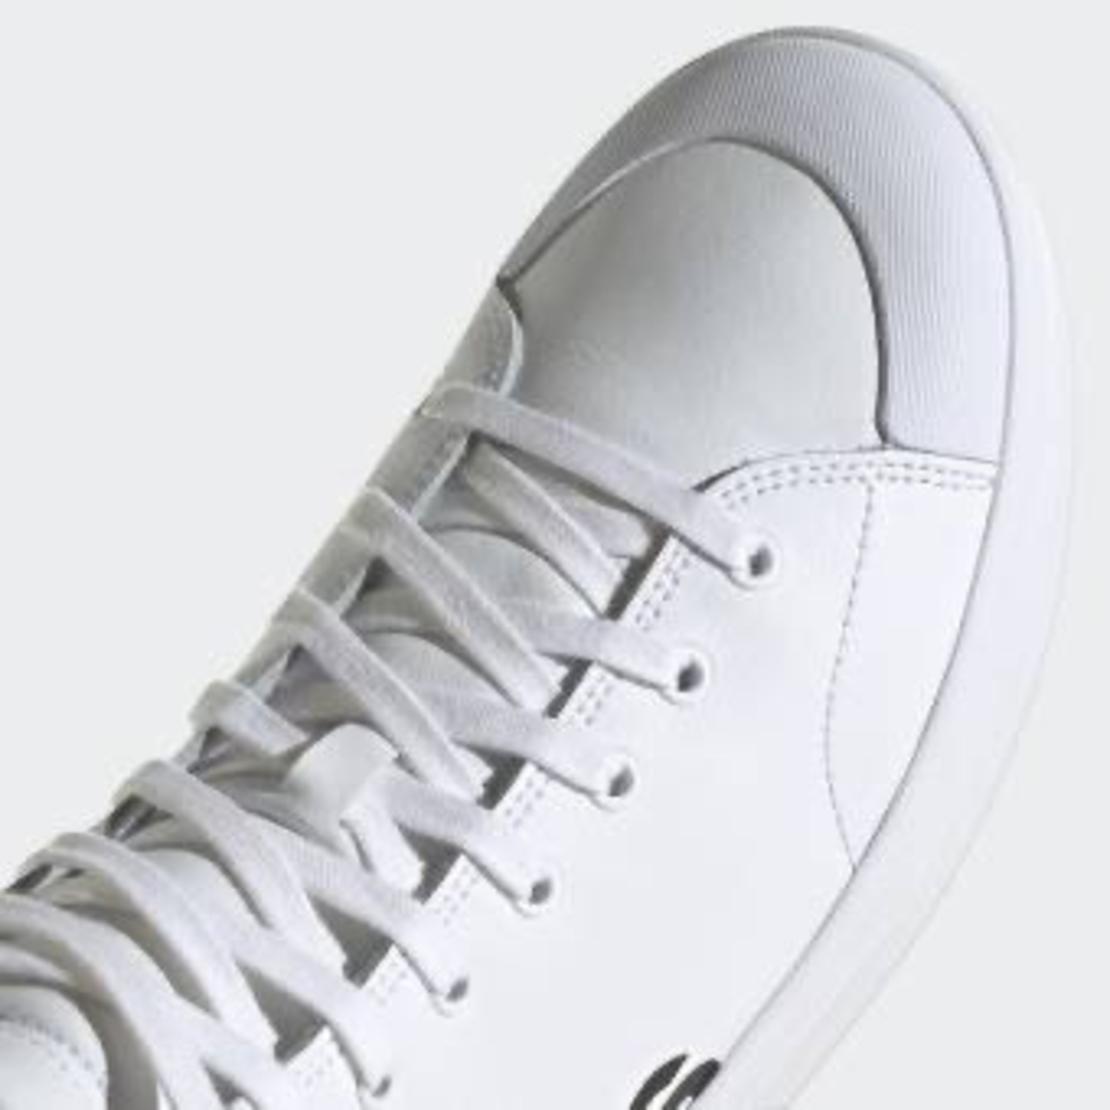 נעלי אדידס לגברים | Adidas Bravada Mid Lts